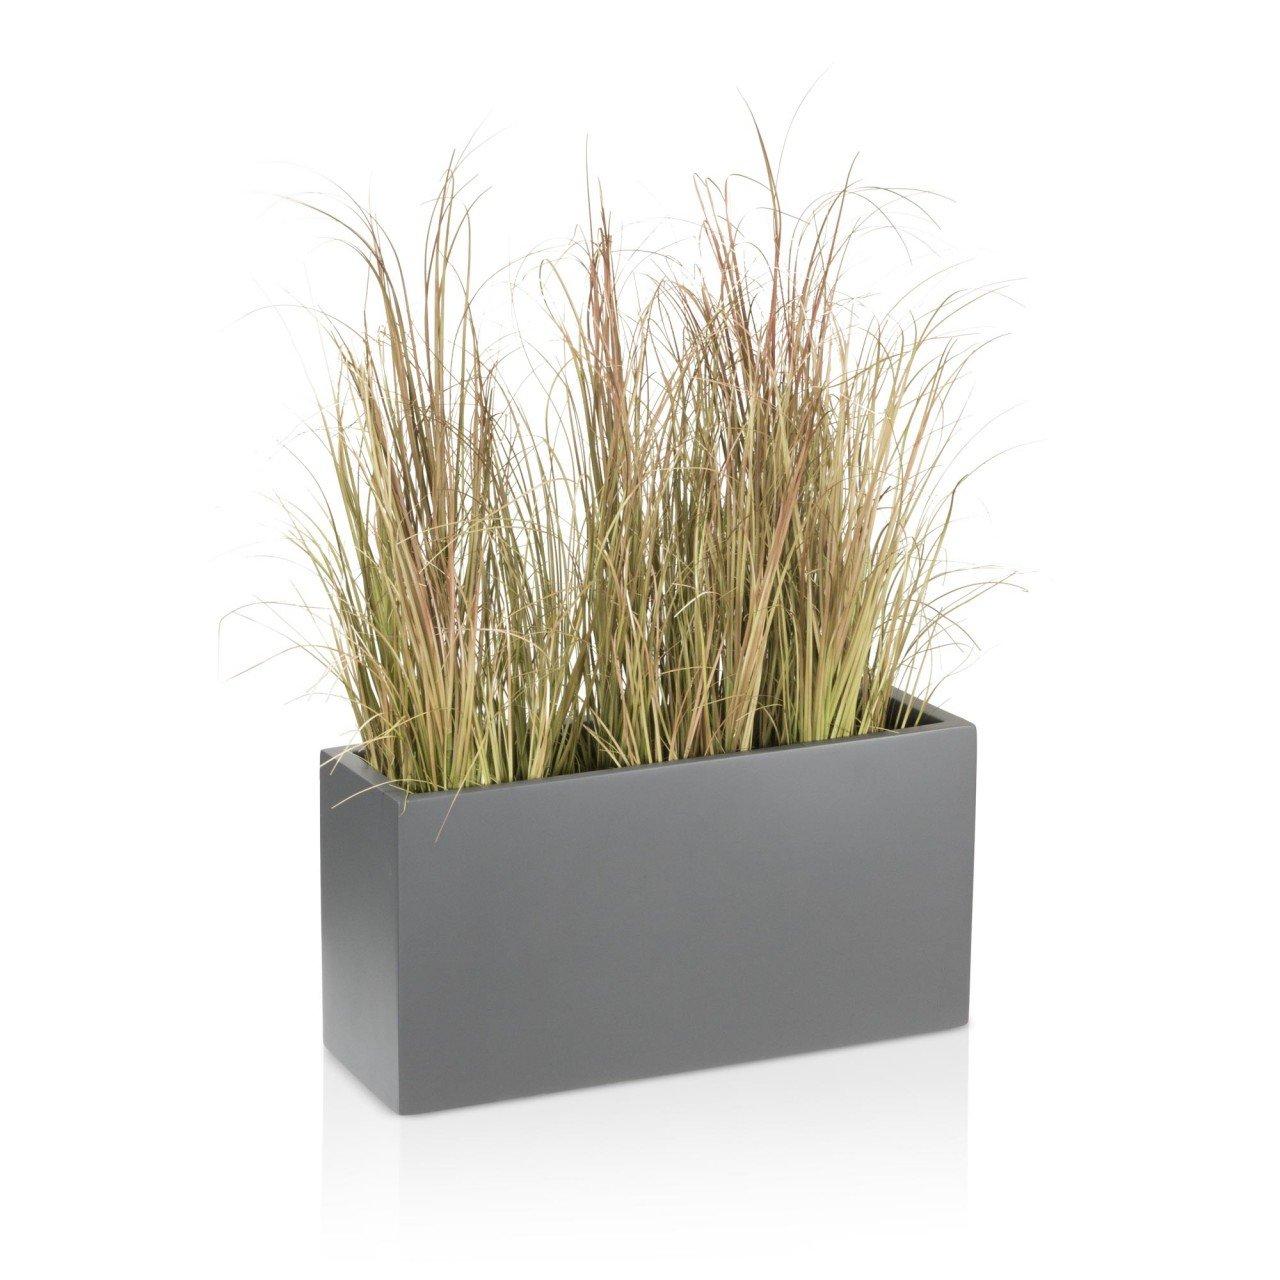 Grand bac /à plantes r/ésistant aux intemp/éries et aux conditions hivernales Bac /à plantes en fibres de verre VISIO Pour l/'int/érieur et l/'ext/érieur DECORAS Couleur : gris mat